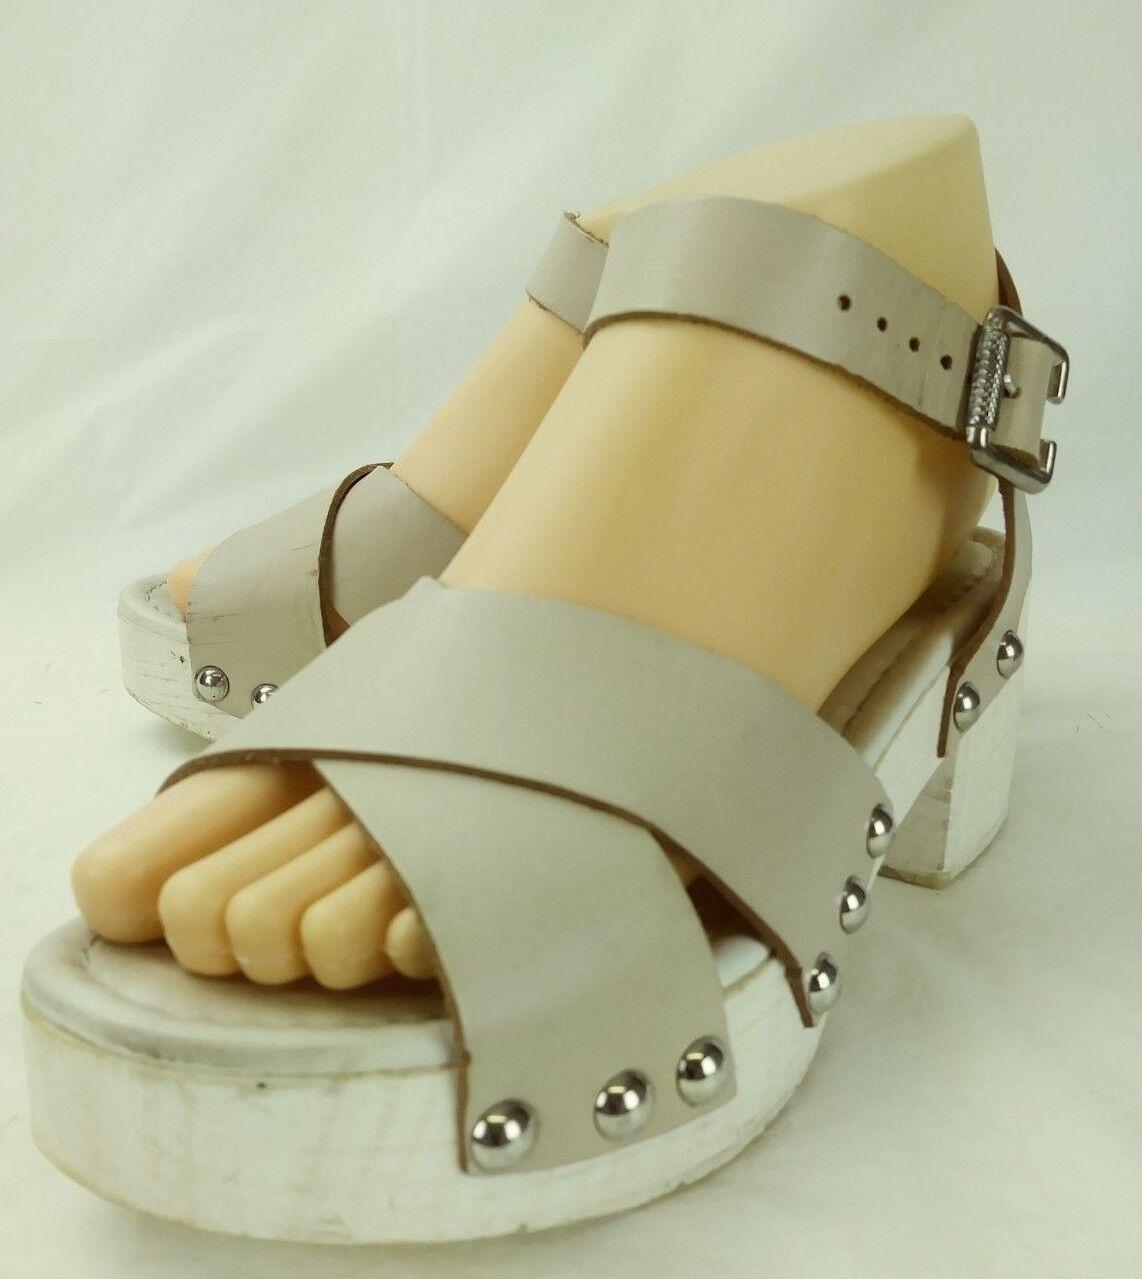 Sandro Rosi Wos Heels Sandales EU 38 Beige Leder Studded Ankle Strap  2192